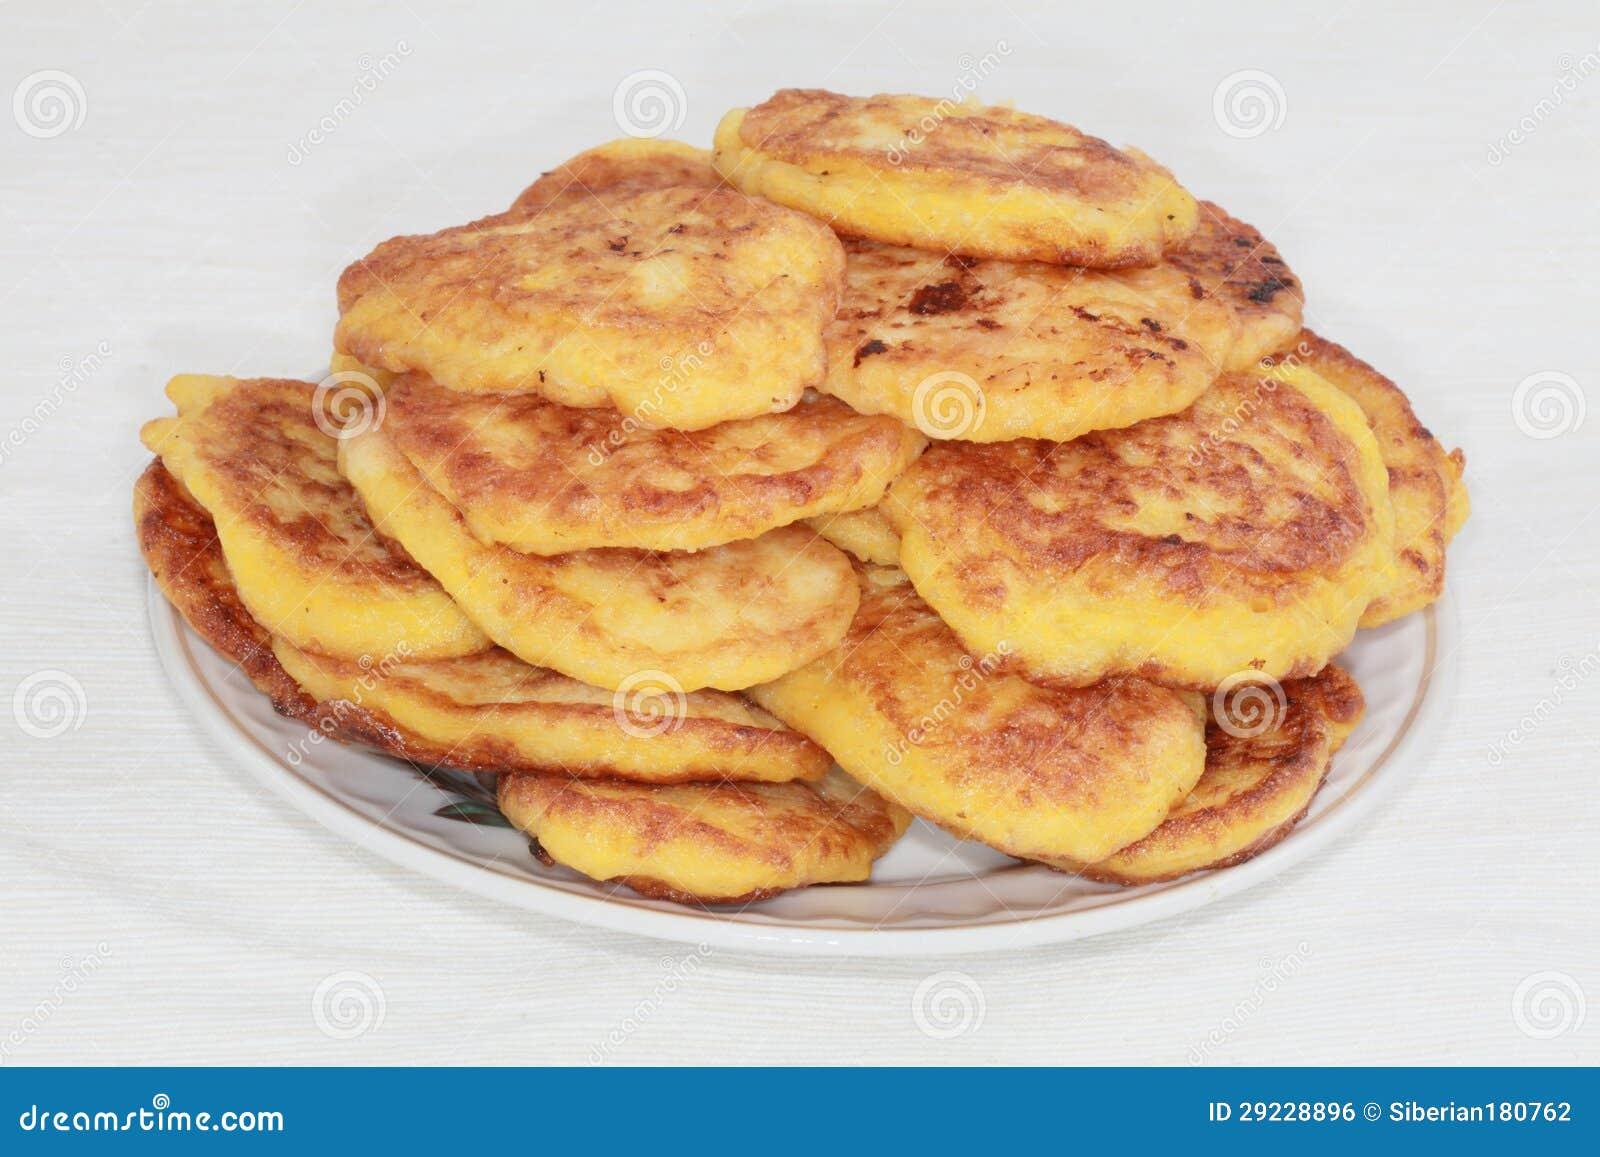 Download Panquecas da abóbora. foto de stock. Imagem de home, antioxidants - 29228896